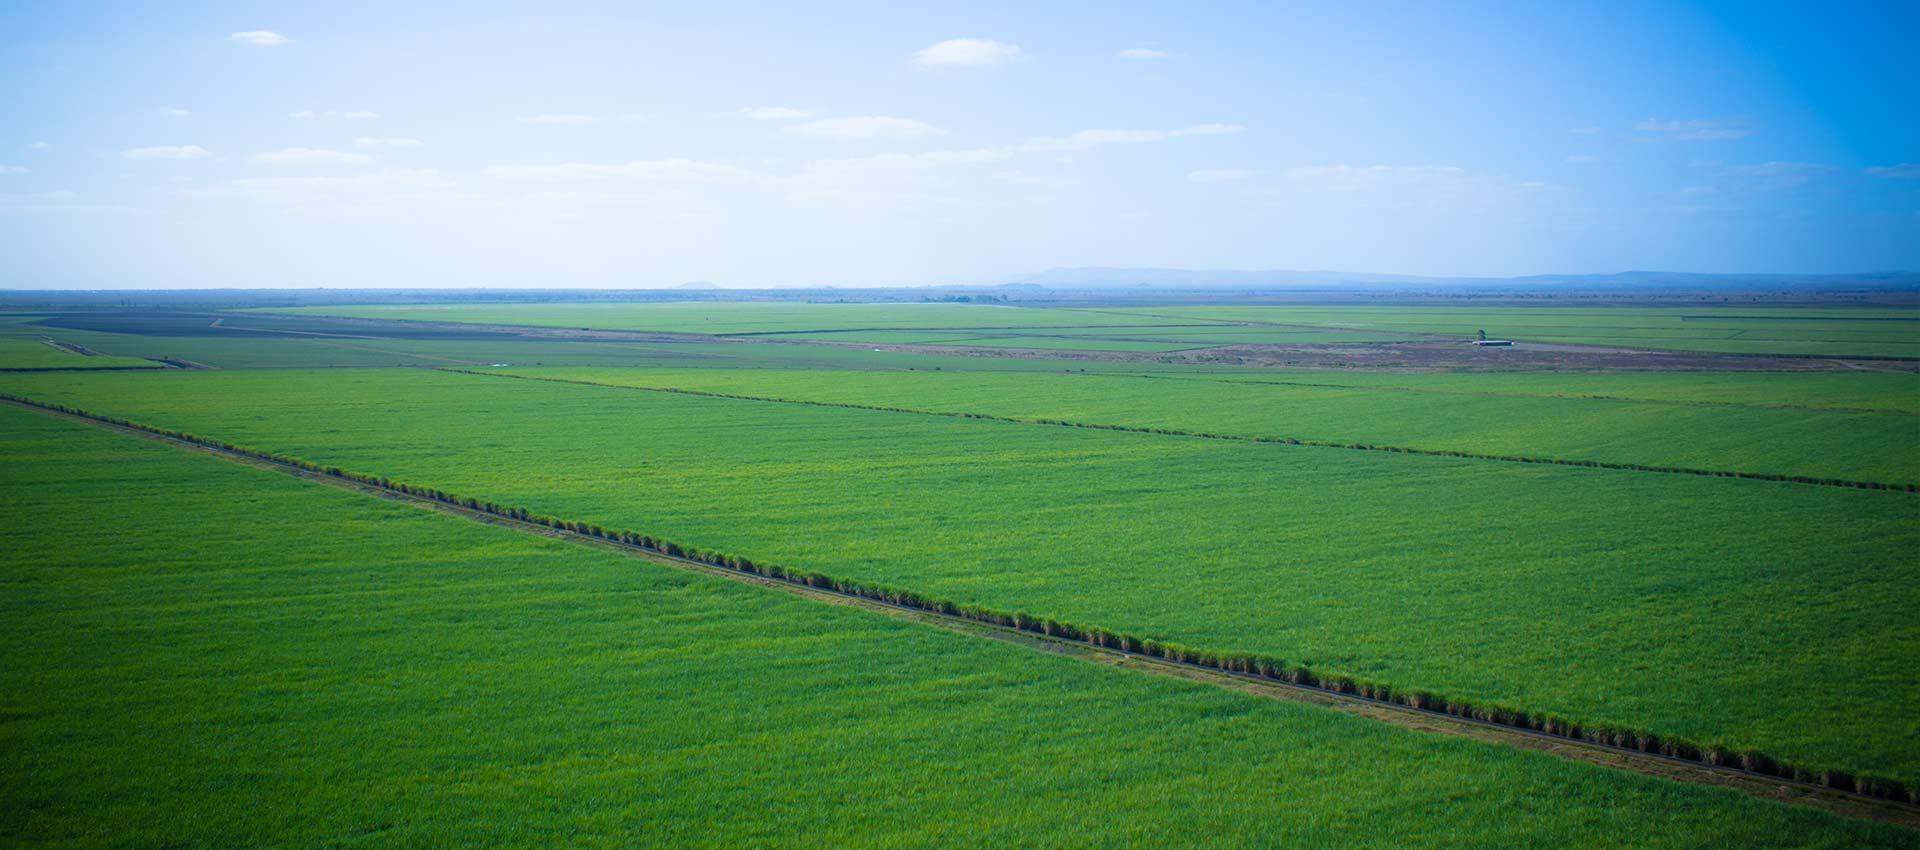 Green Fuel Sugarcane Estates Zimbabwe